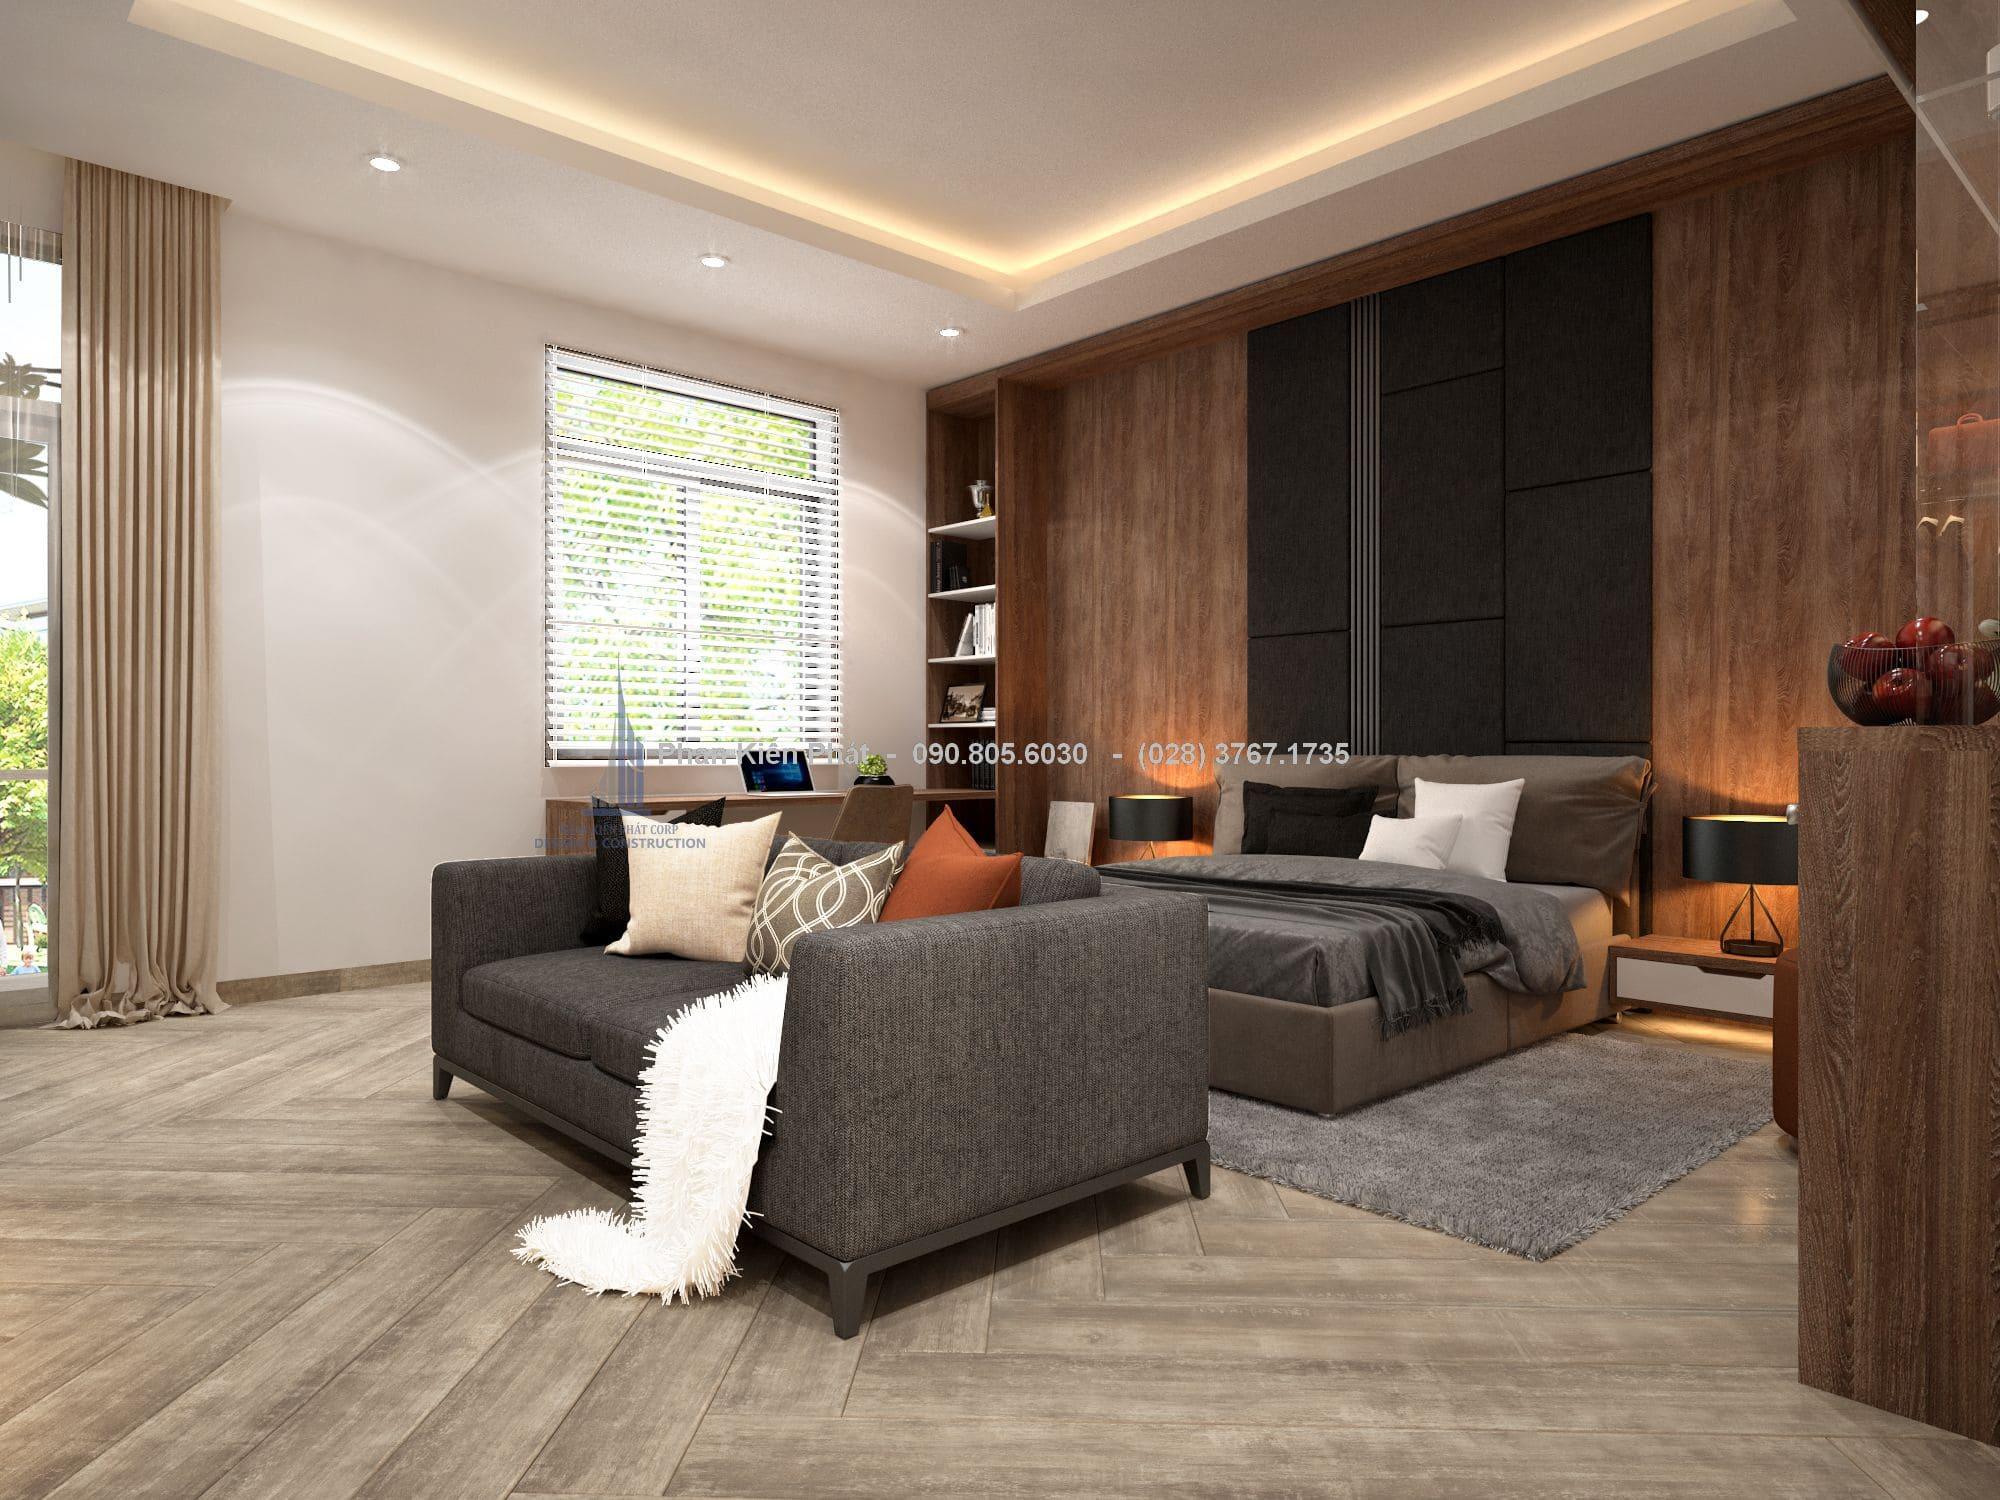 Cửa kính lớn mang đến ánh sáng tự nhiên và gió tự nhiên cho căn phòng